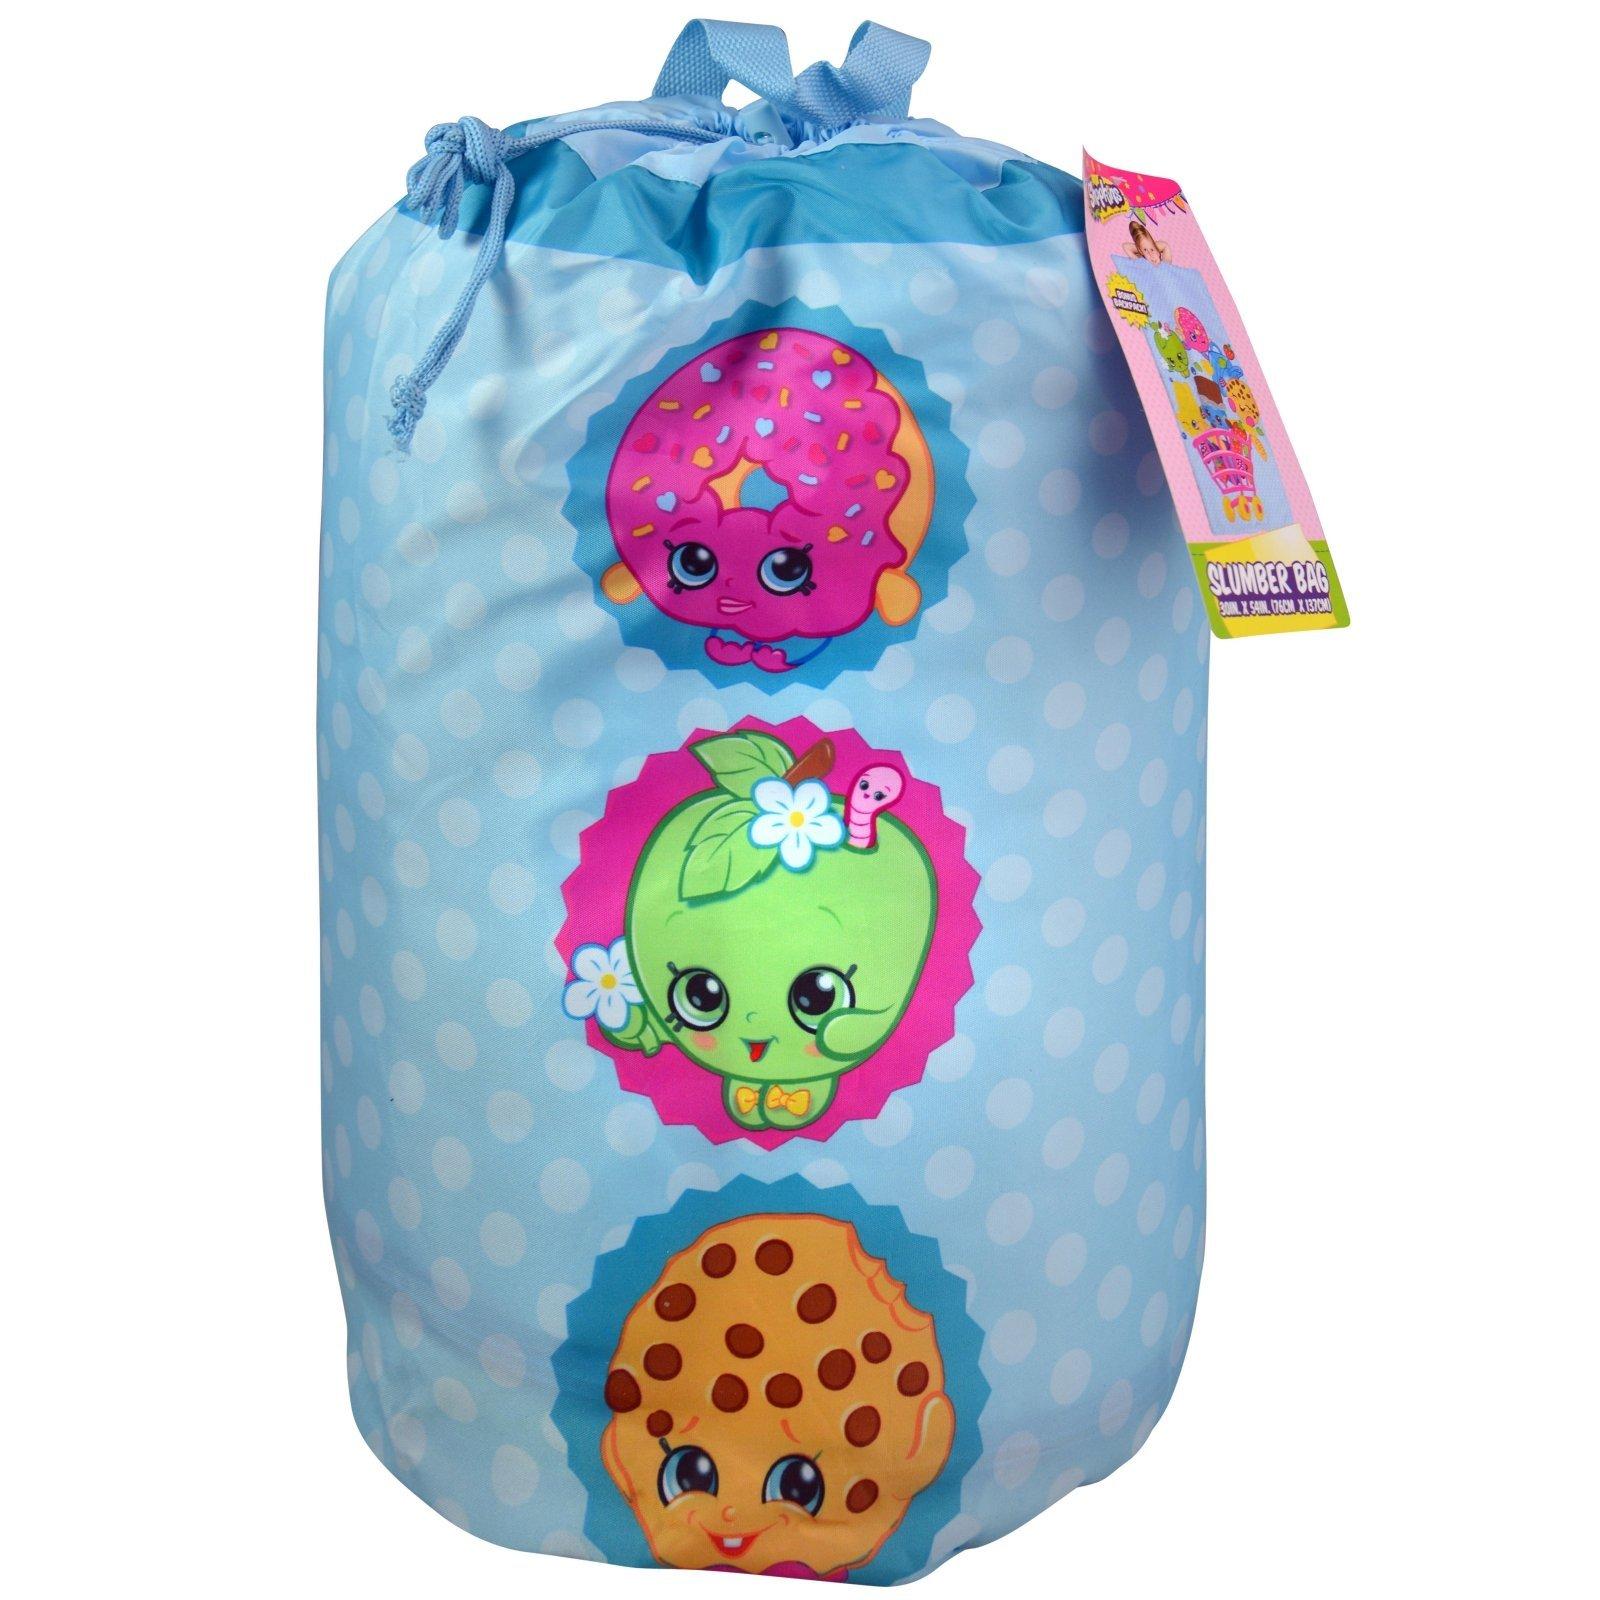 Shopkins Kids Sleeping Bag Backpack with Adjustable Straps